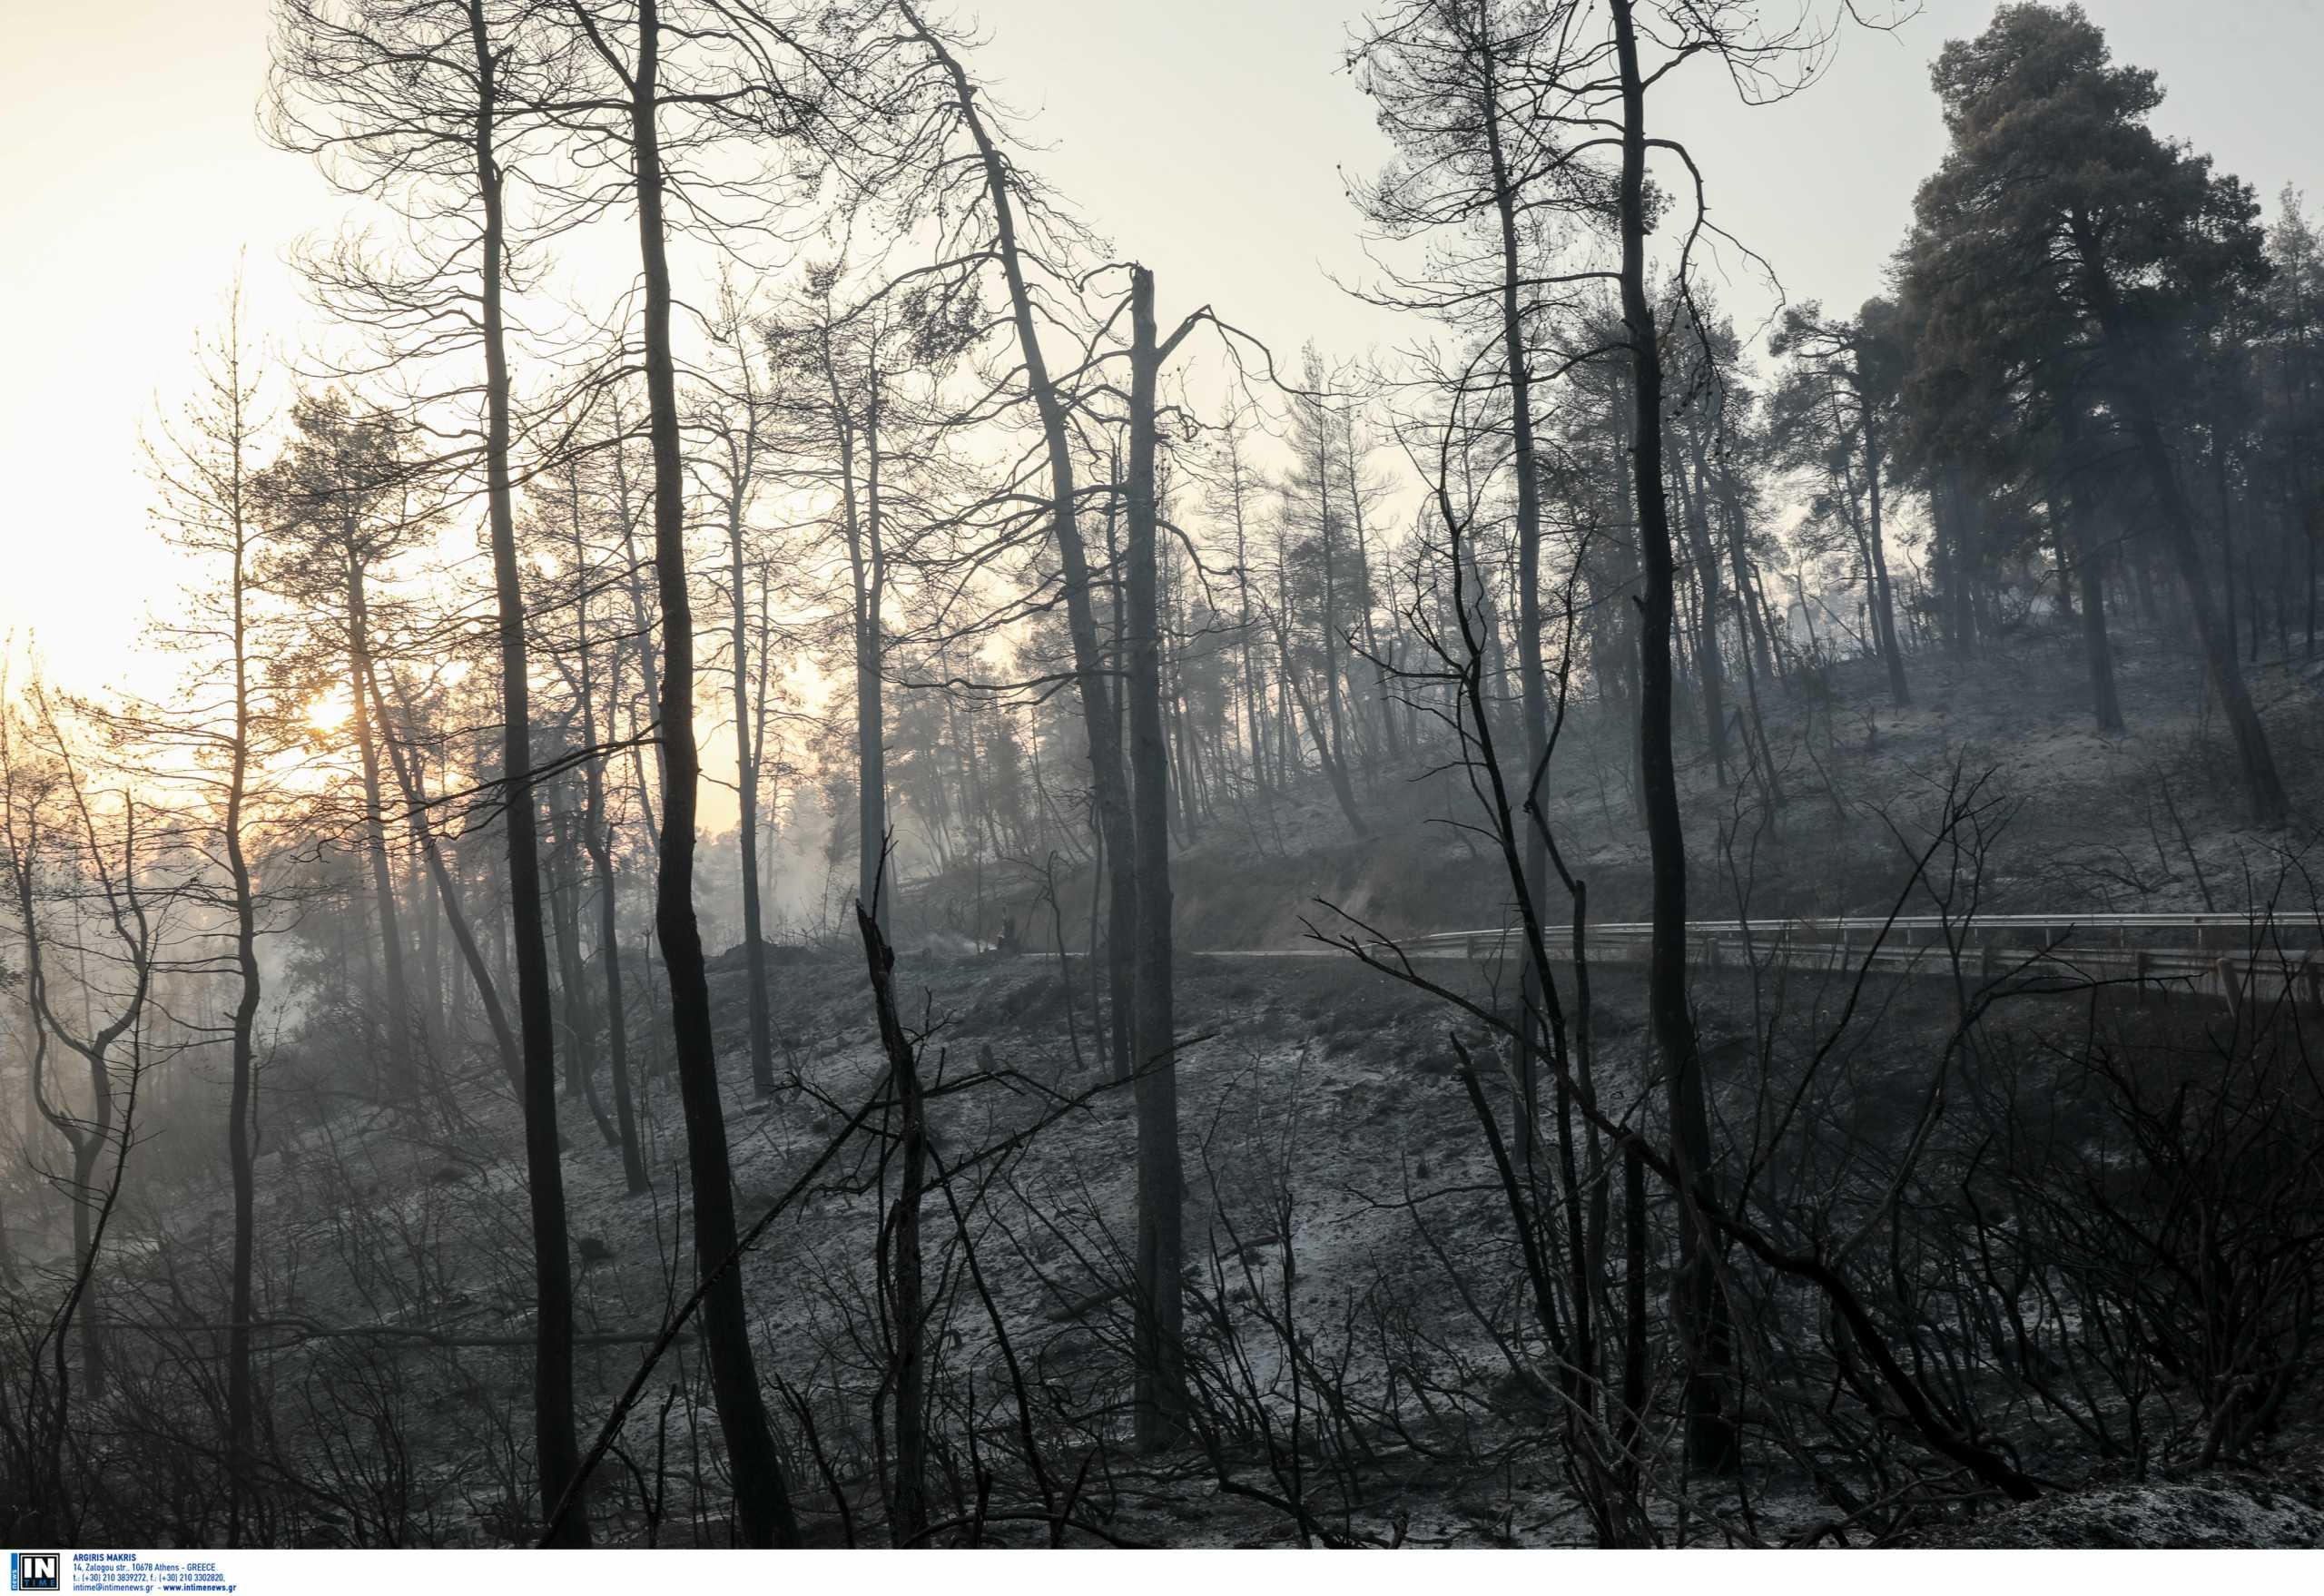 Υποχρεωτικά αναδασωτέες όλες οι καμένες εκτάσεις σύμφωνα με την ΠΝΠ μετά τις πυρκαγιές